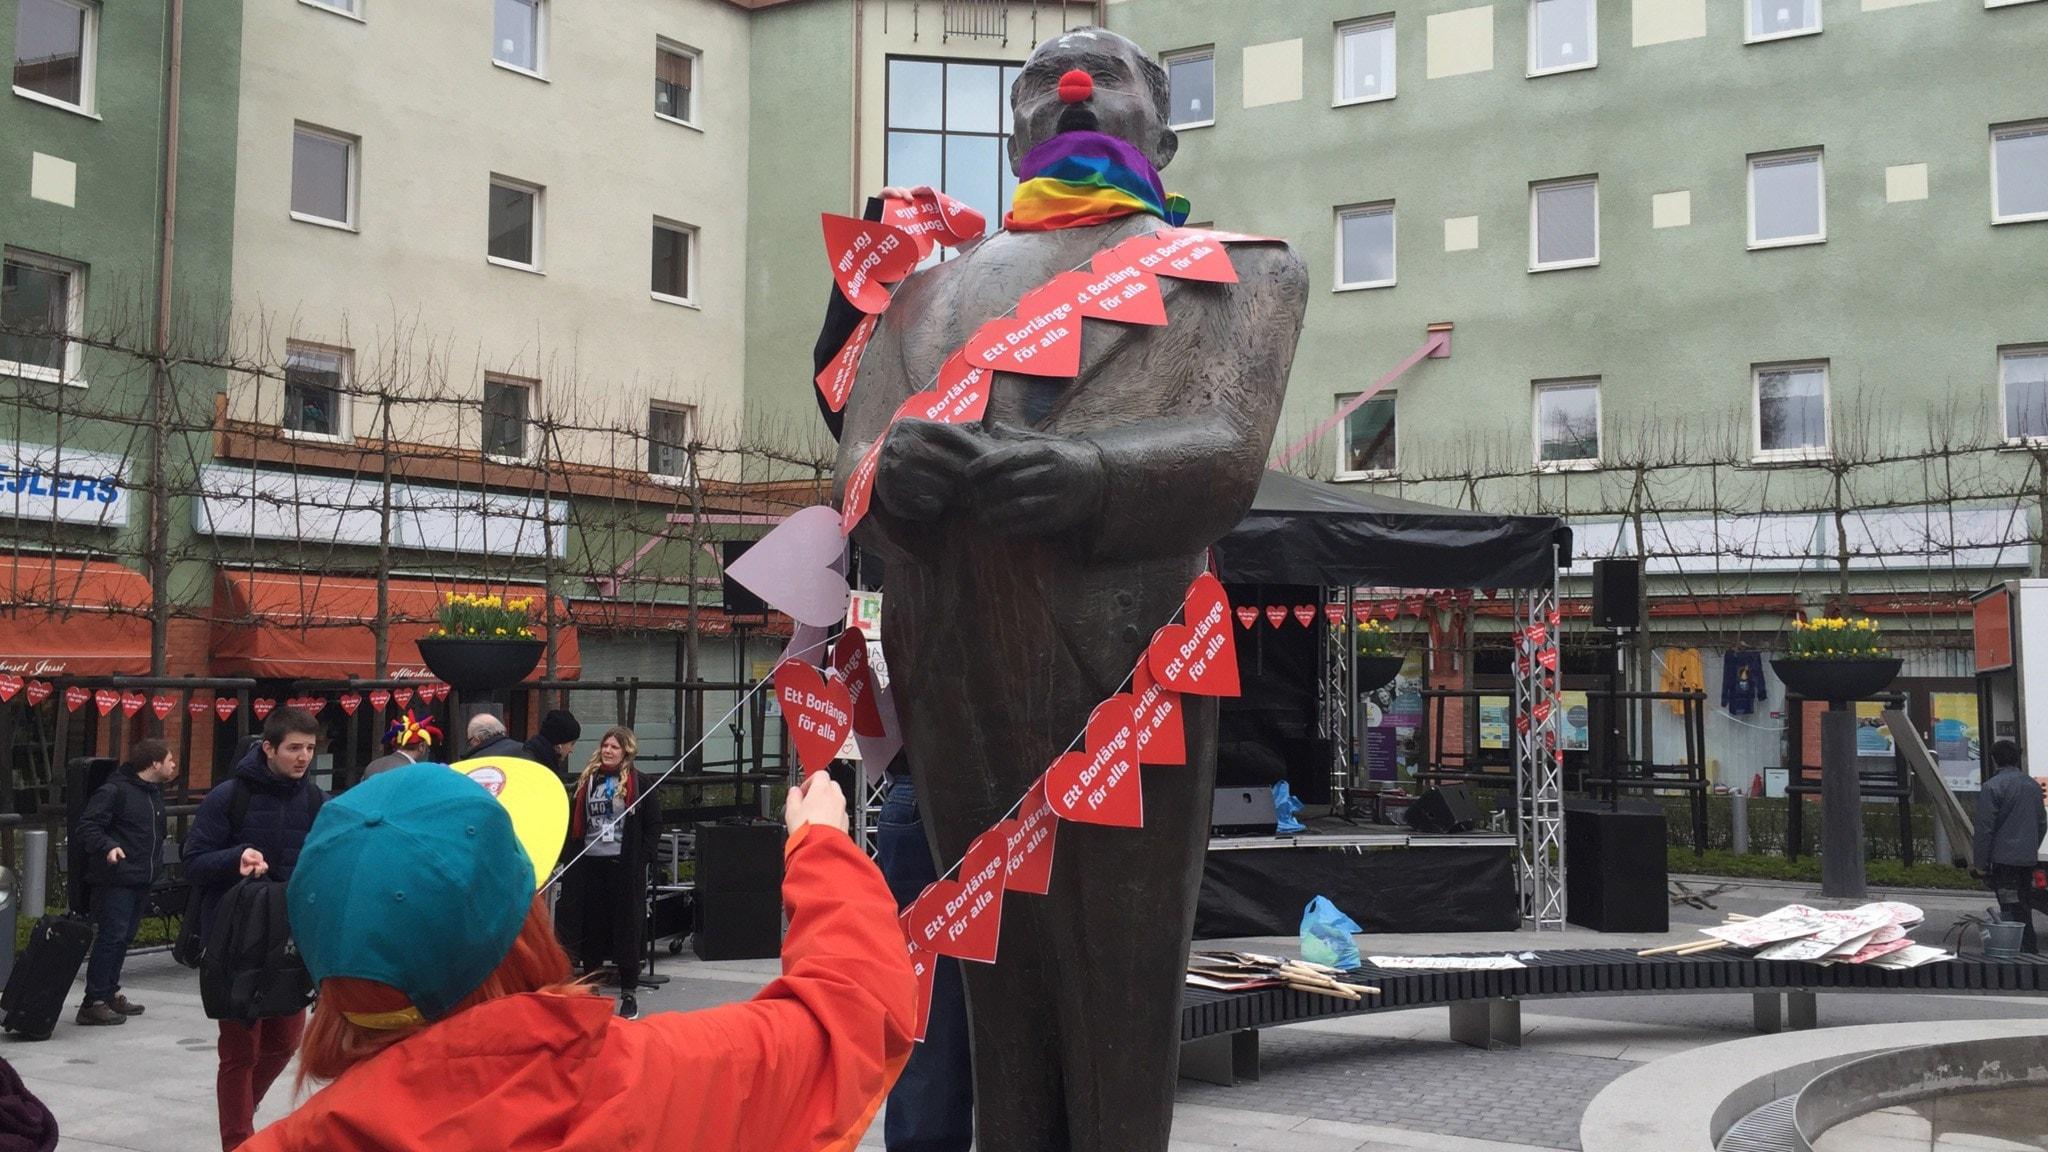 Clownnäsa på Jussi Björlings staty i Borlänge. Foto: Veronika Karlsson / Sveriges Radio